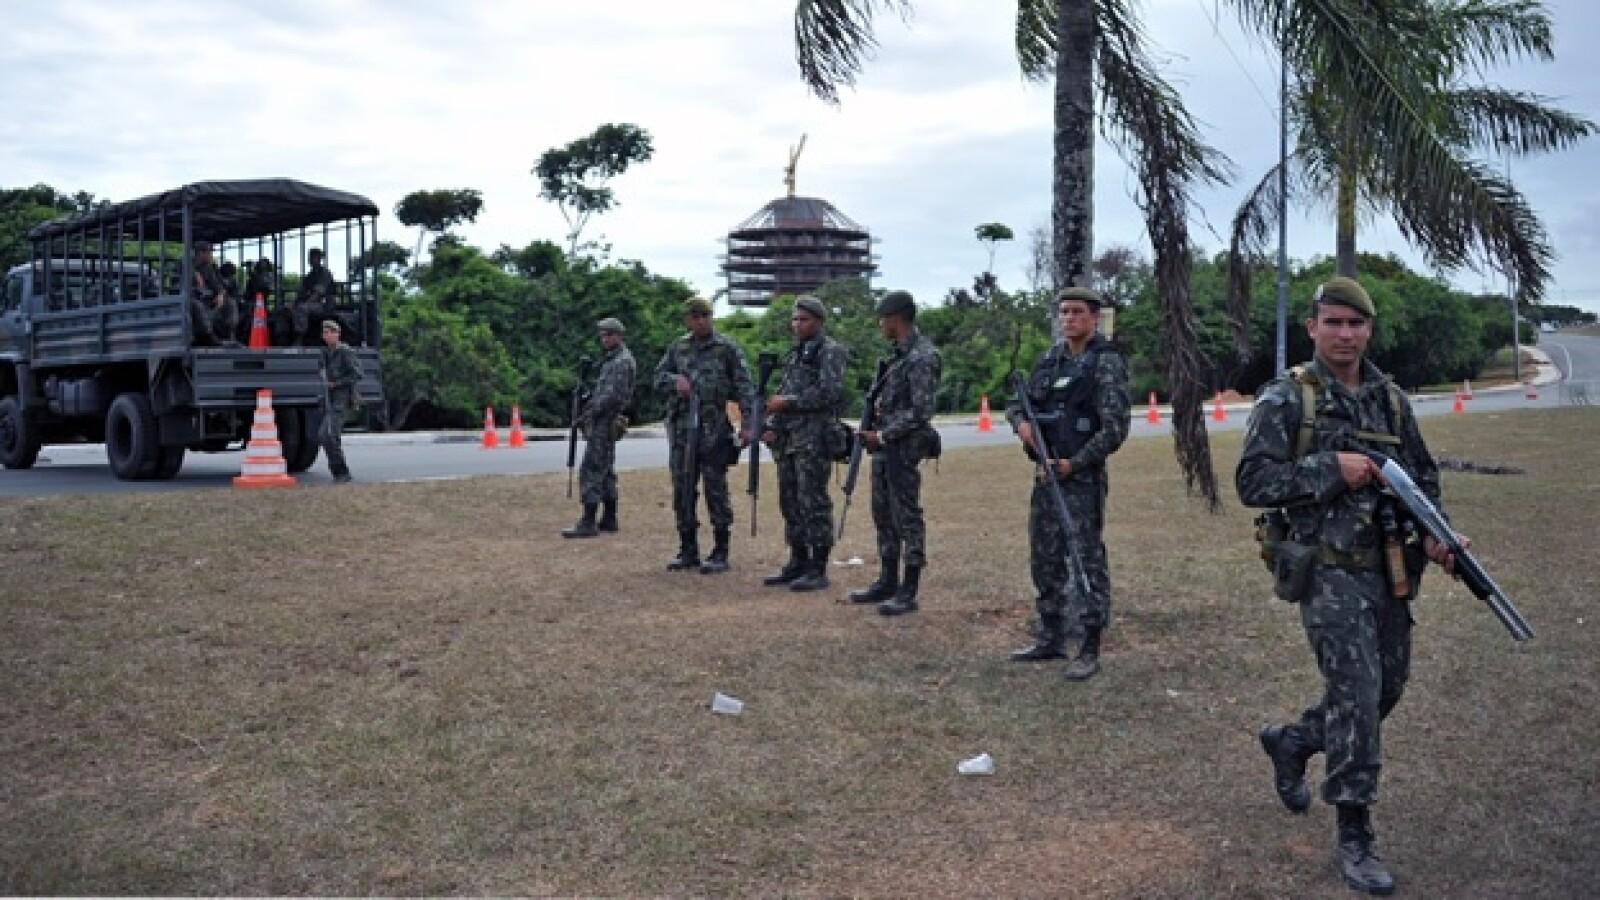 Brasil huelga policía Ejército